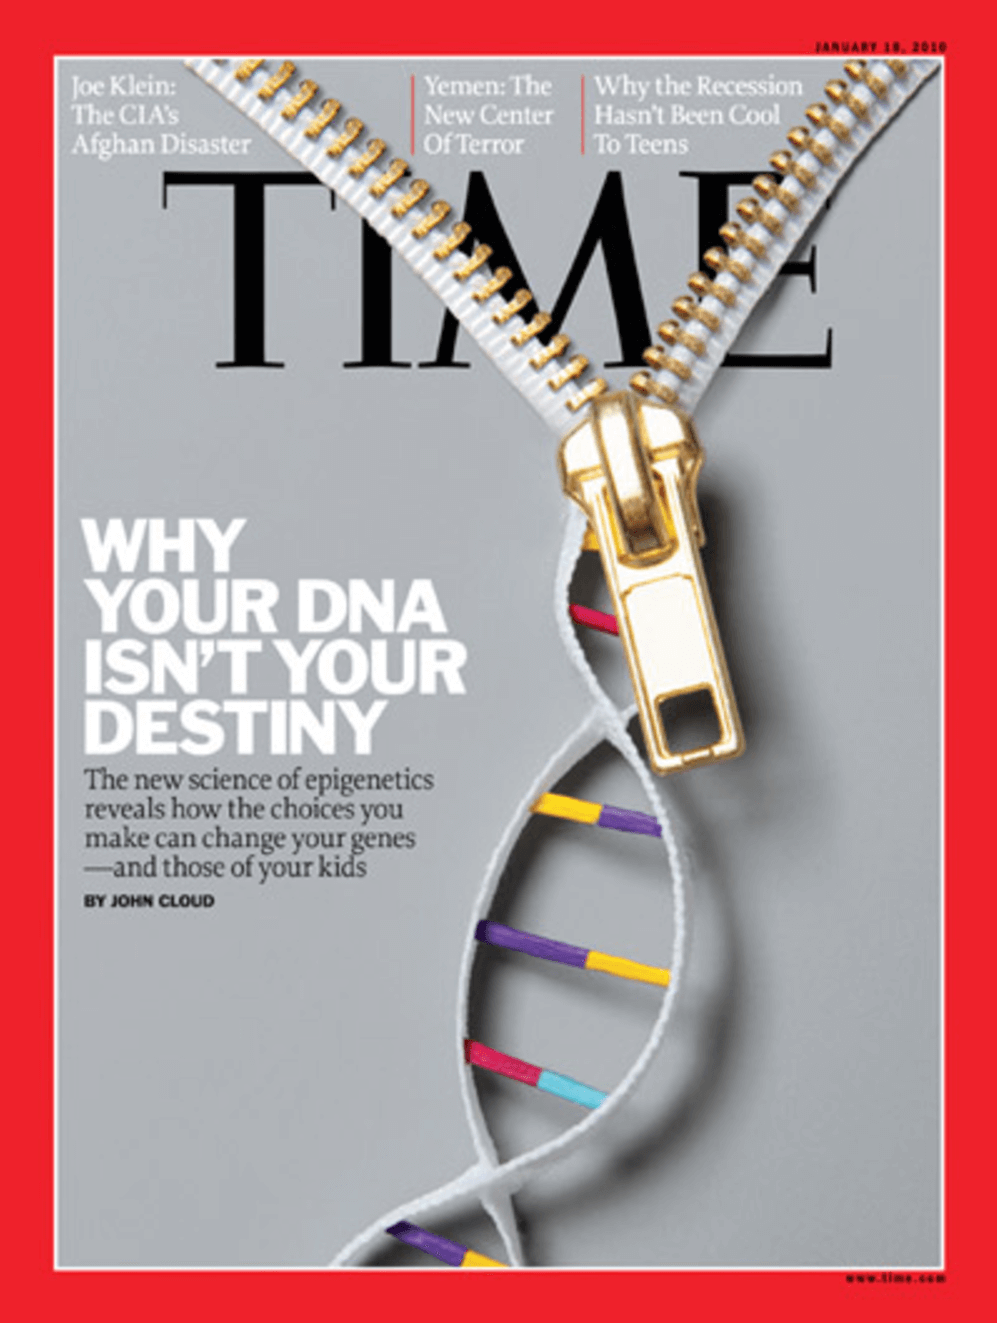 למה ה- DNA שלך הוא לא הגורל שלך - המדע החדש של אפיגנטיקהחושף איך הבחירות שלך יכולות לשנות את הגנים שלך - ושל הילדים שלך